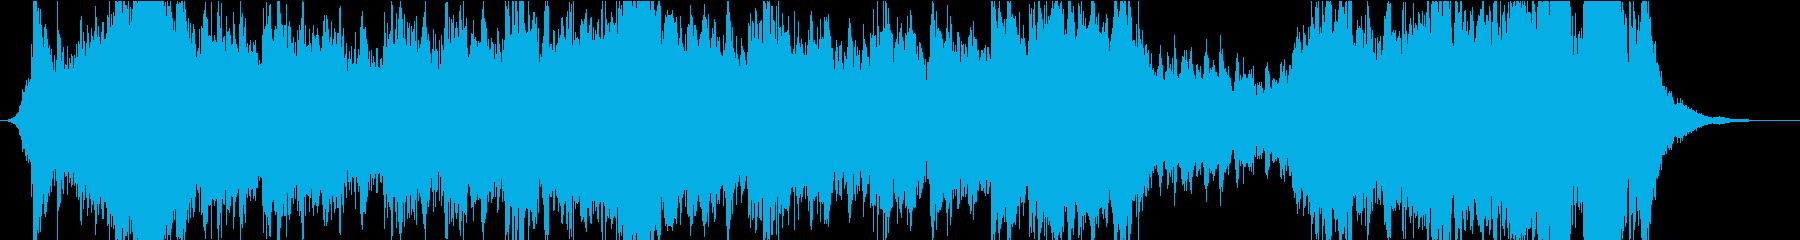 オーケストラ曲 人類未踏の秘境をイメージの再生済みの波形